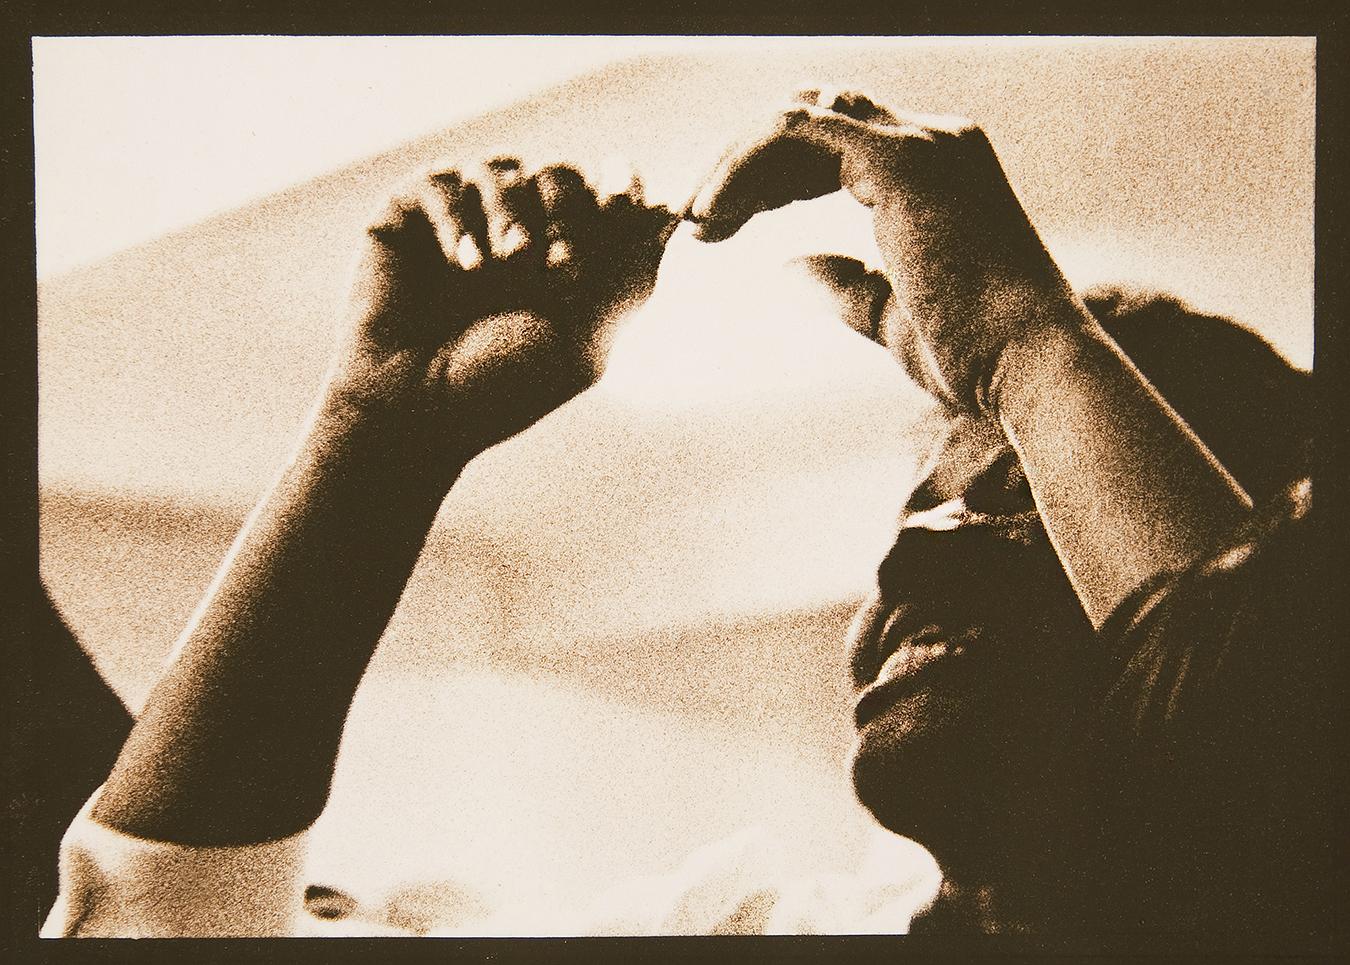 Tony_Ward_photography_house_of_prayer_documentary_early_work_1976